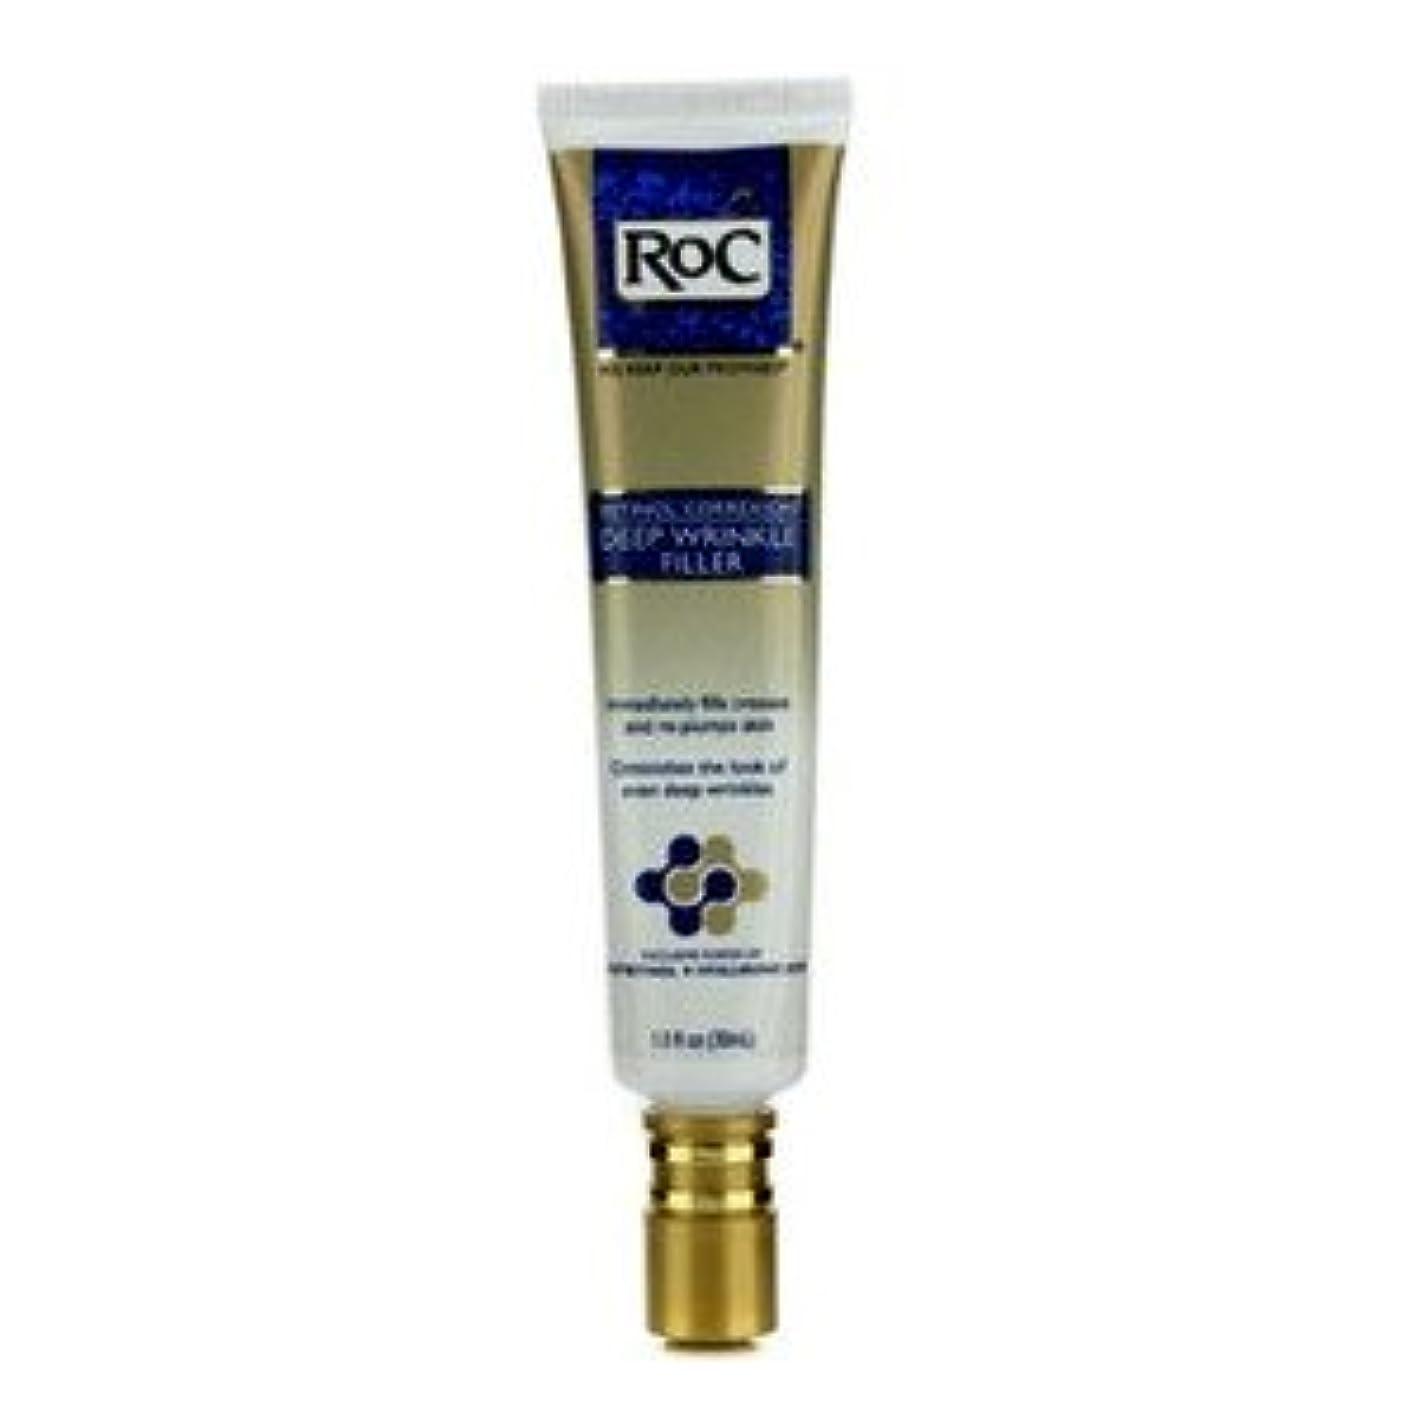 多用途シンプルな香水ROC ロック ナイトケア レチノール コレクシオン ディープ リンクル フィラー -- 30ml/1oz [並行輸入品]